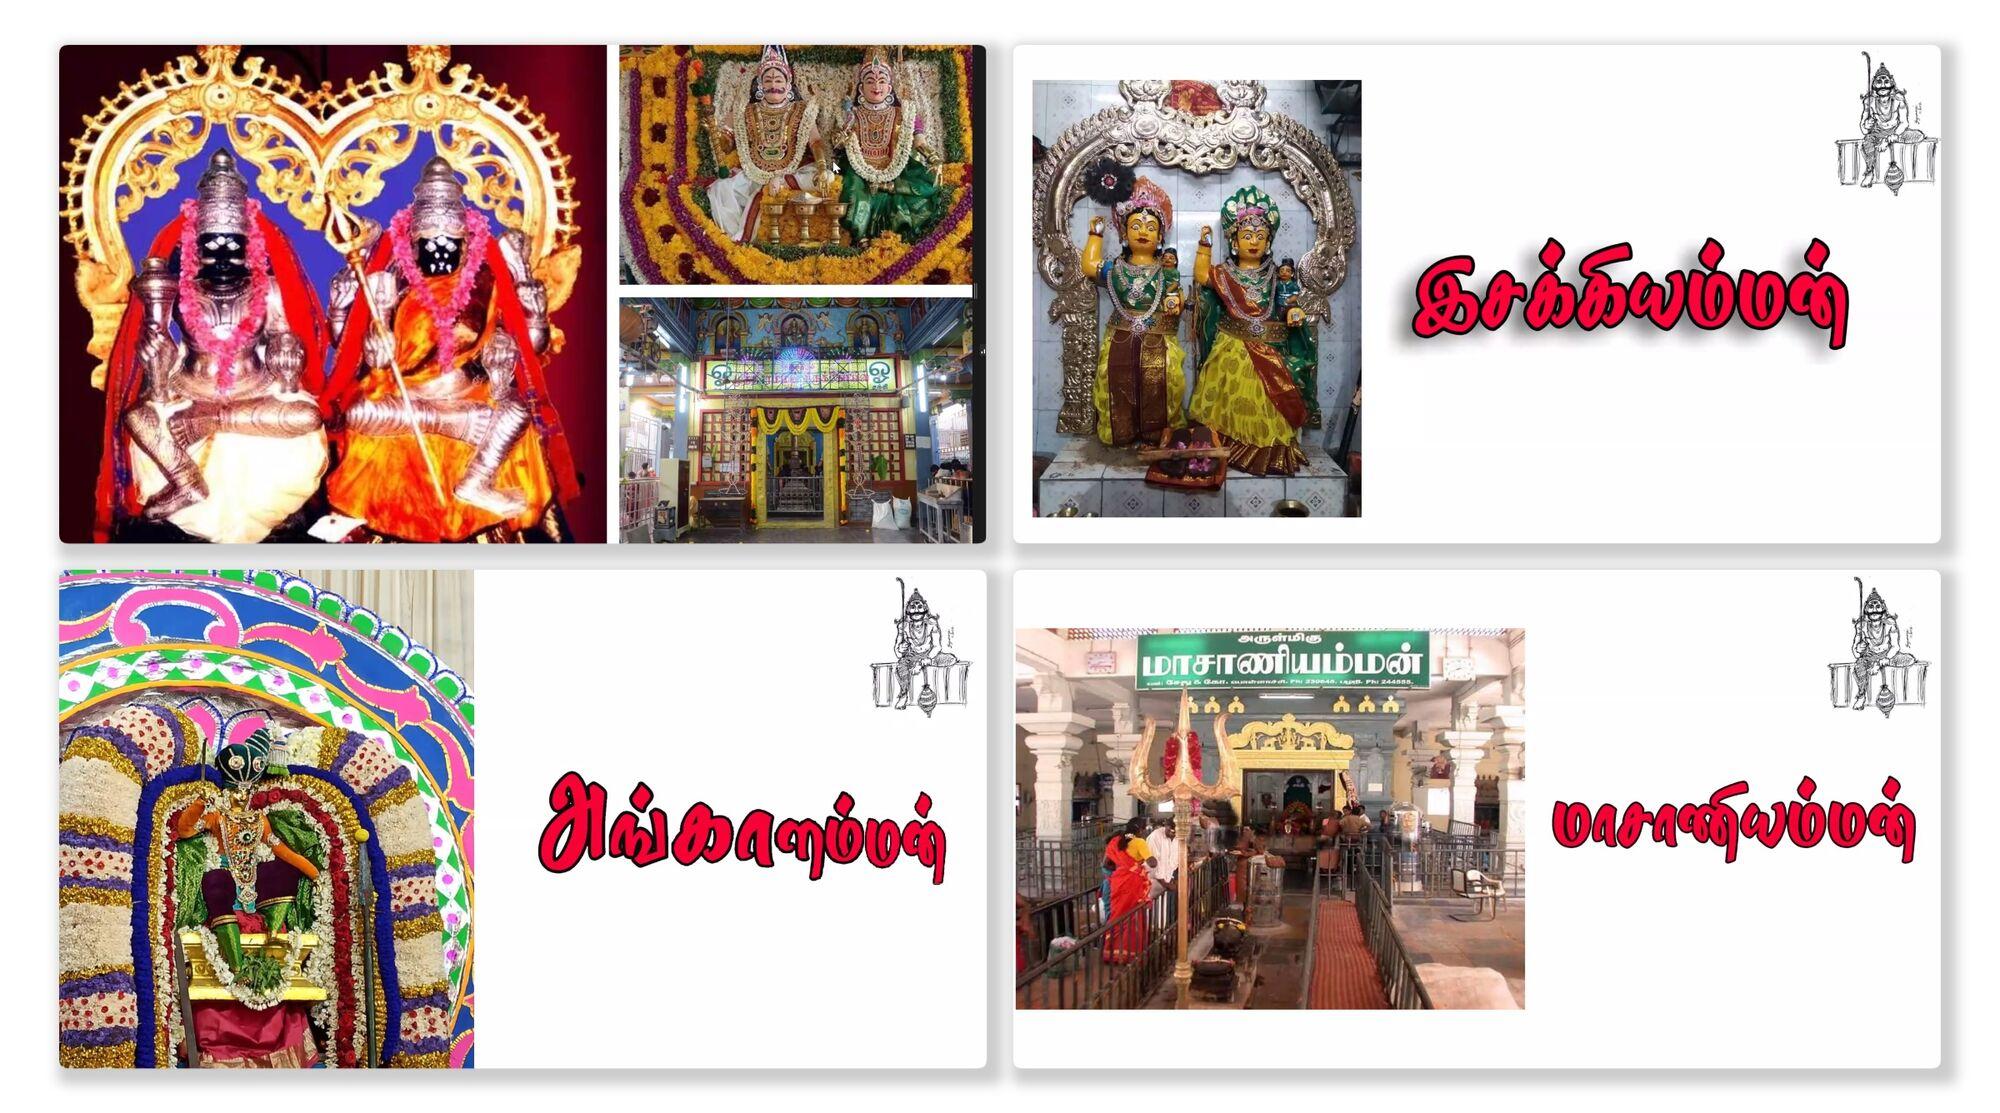 இசக்கியம்மன், அங்காளம்மன், மாசாணியம்மன்